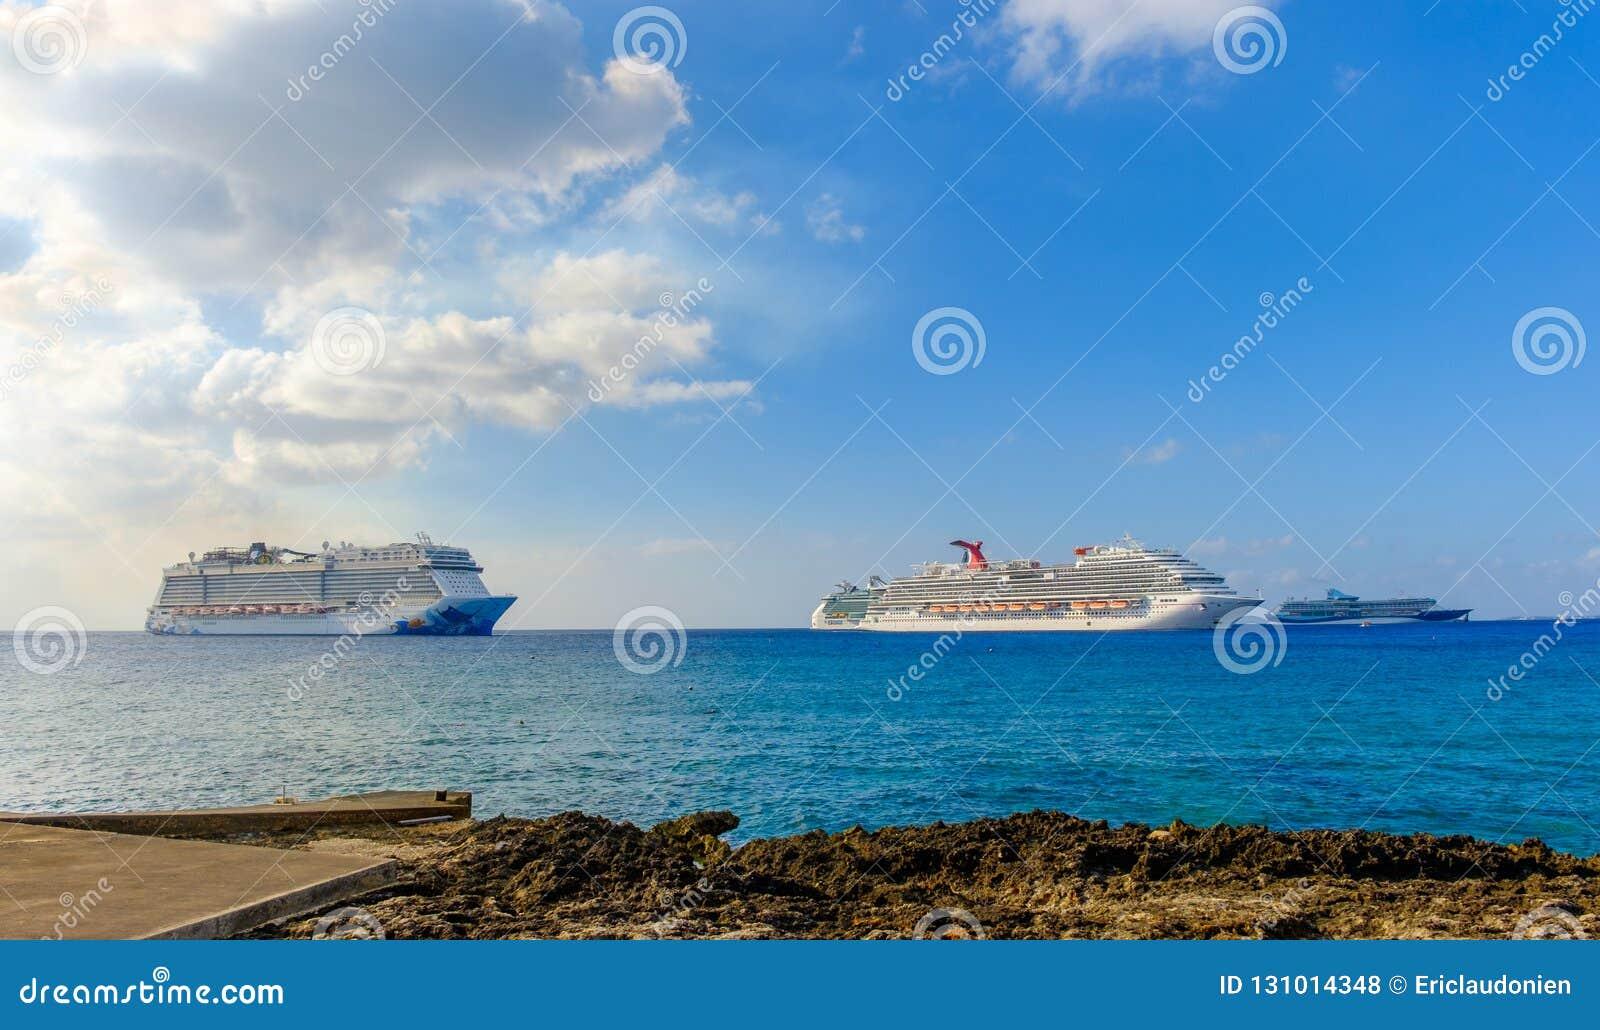 Cayman Islands-Cruise Ships